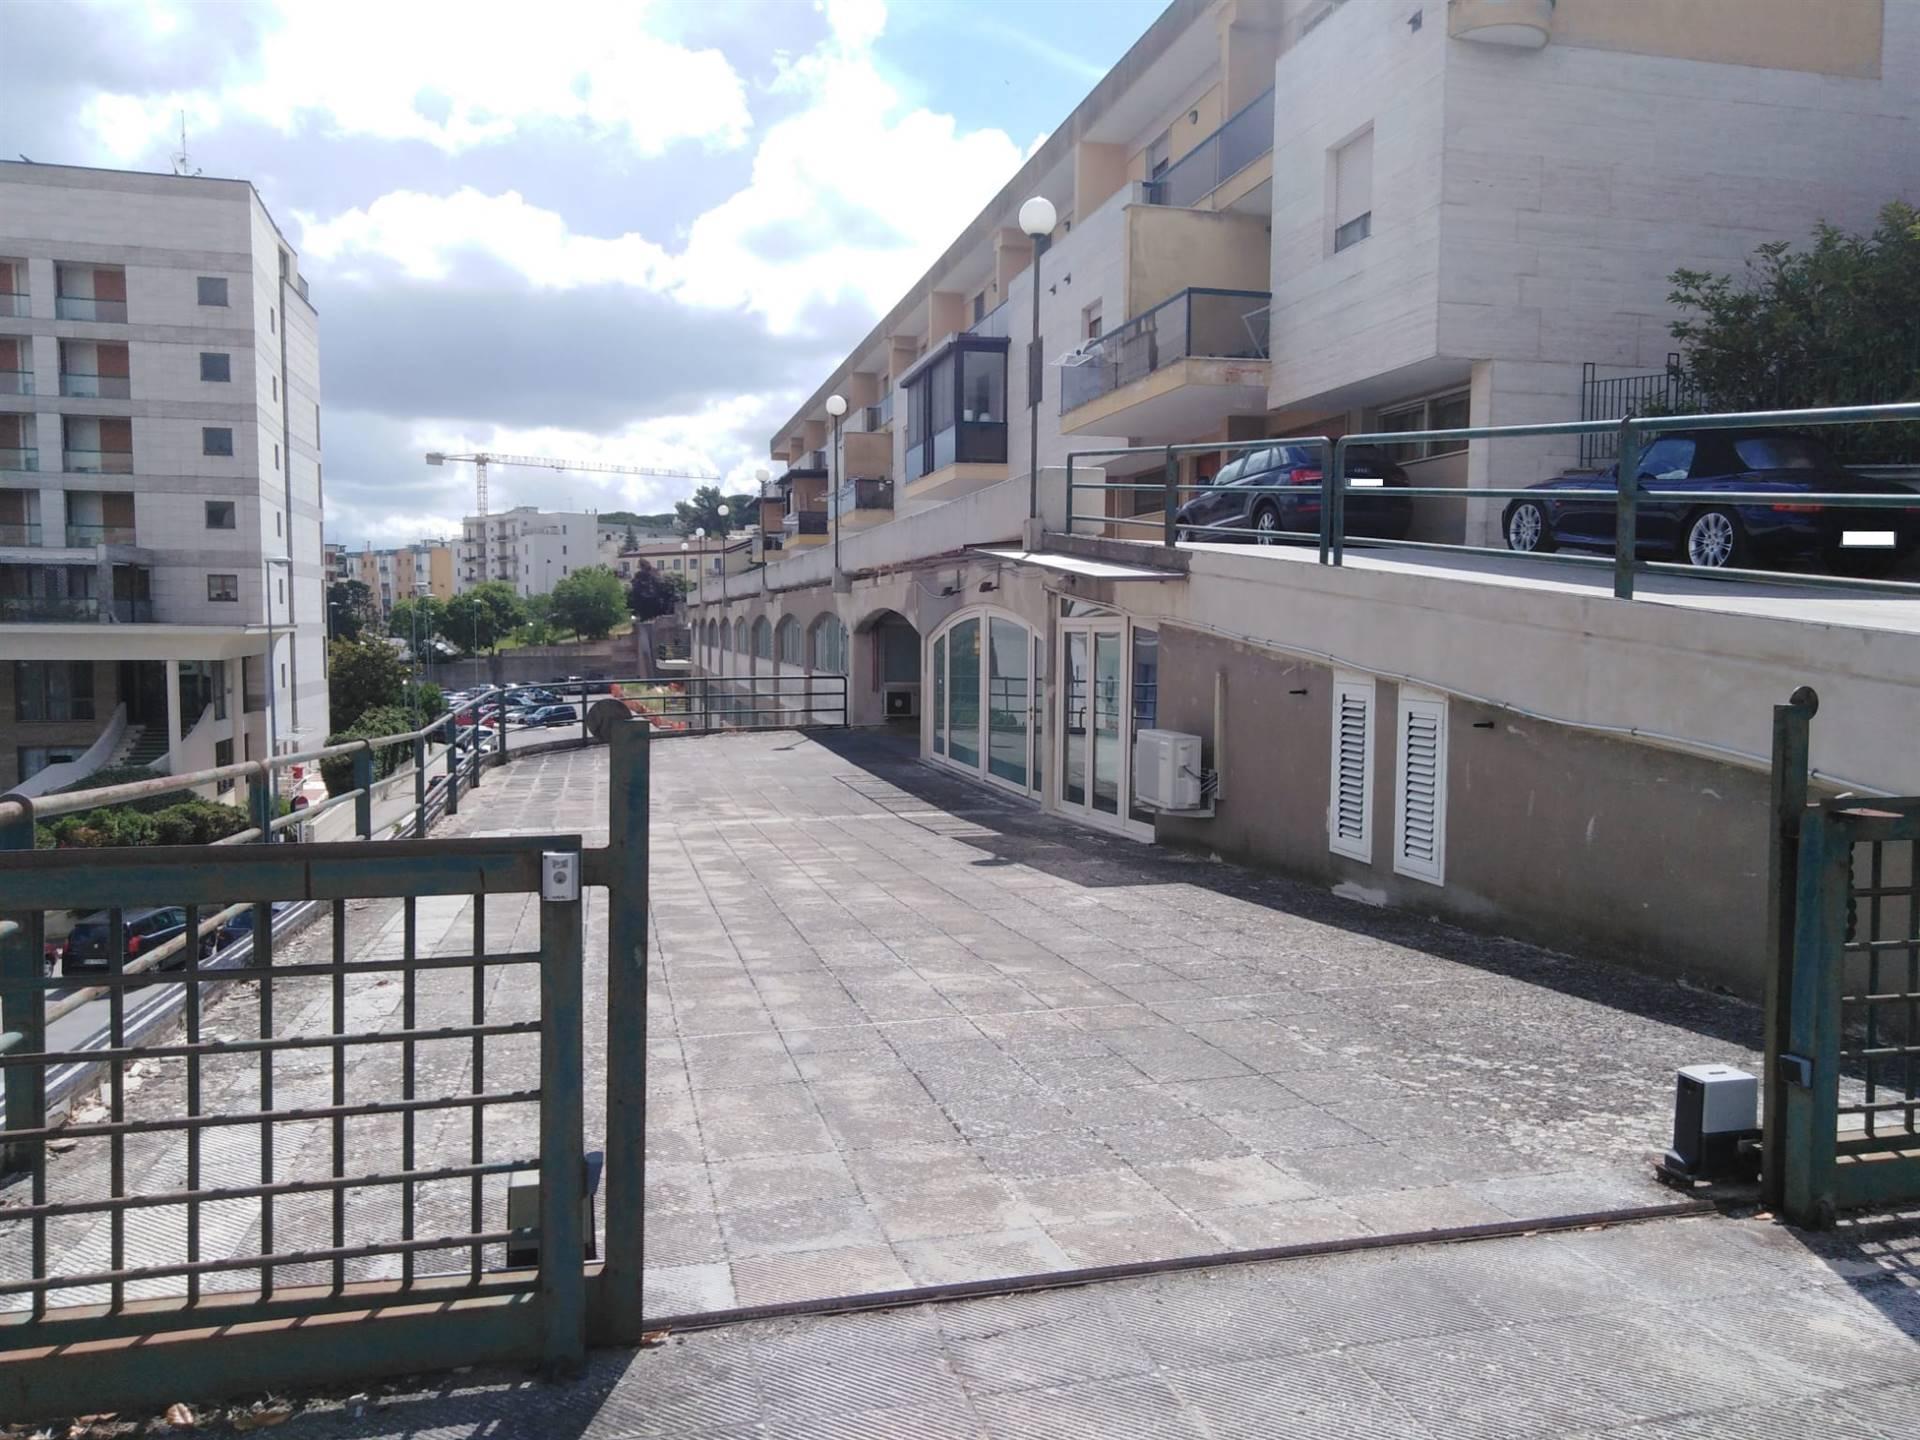 Ufficio / Studio in affitto a Matera, 2 locali, zona Zona: Centro direzionale, prezzo € 650 | CambioCasa.it